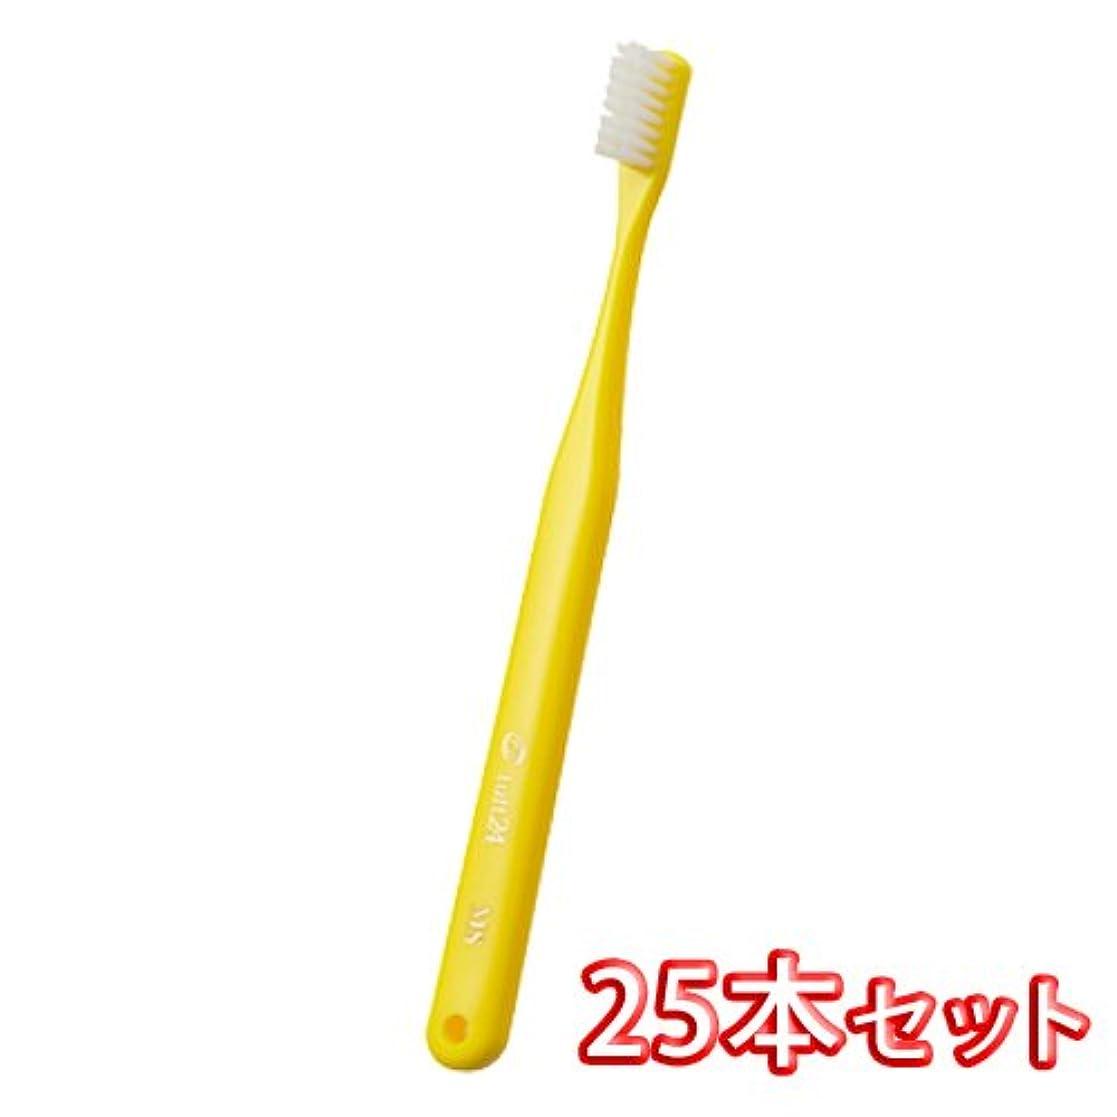 オーラルケア キャップ付き タフト 24 歯ブラシ エクストラスーパーソフト 25本 (イエロー)